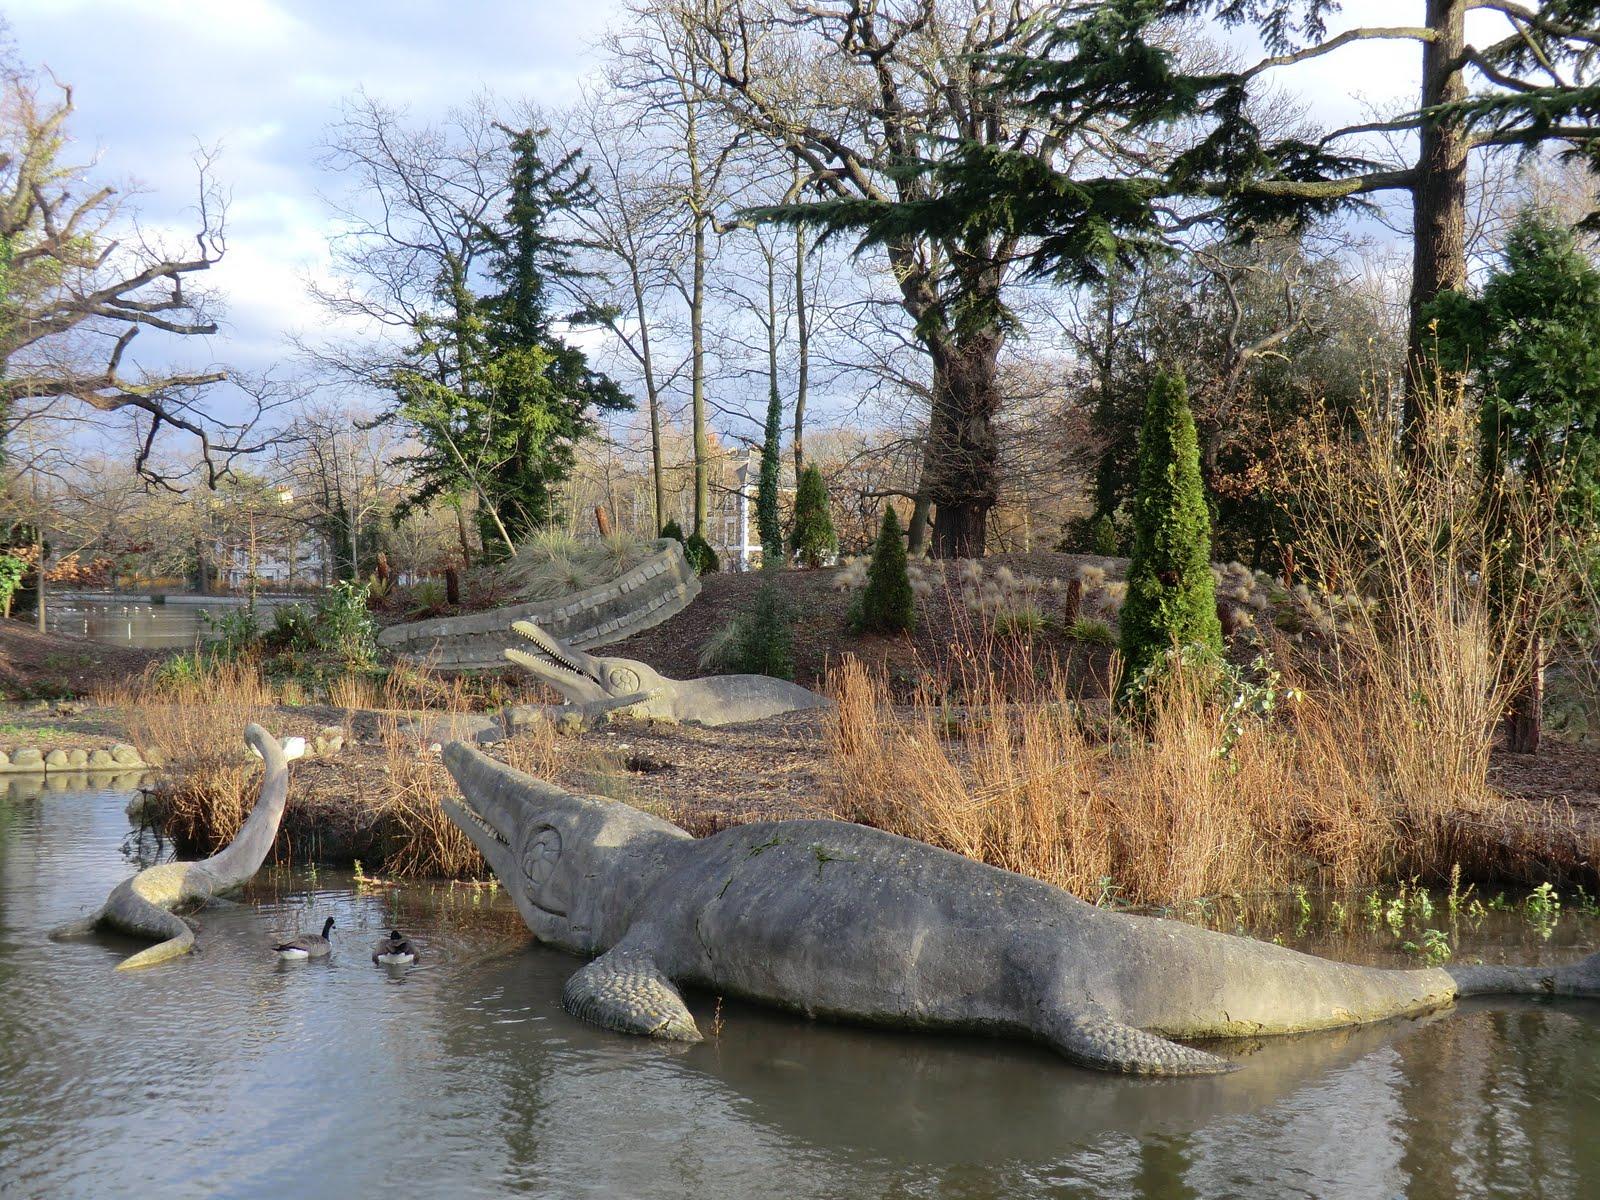 CIMG1501 Ichthyosaurus, Crystal Palace Park